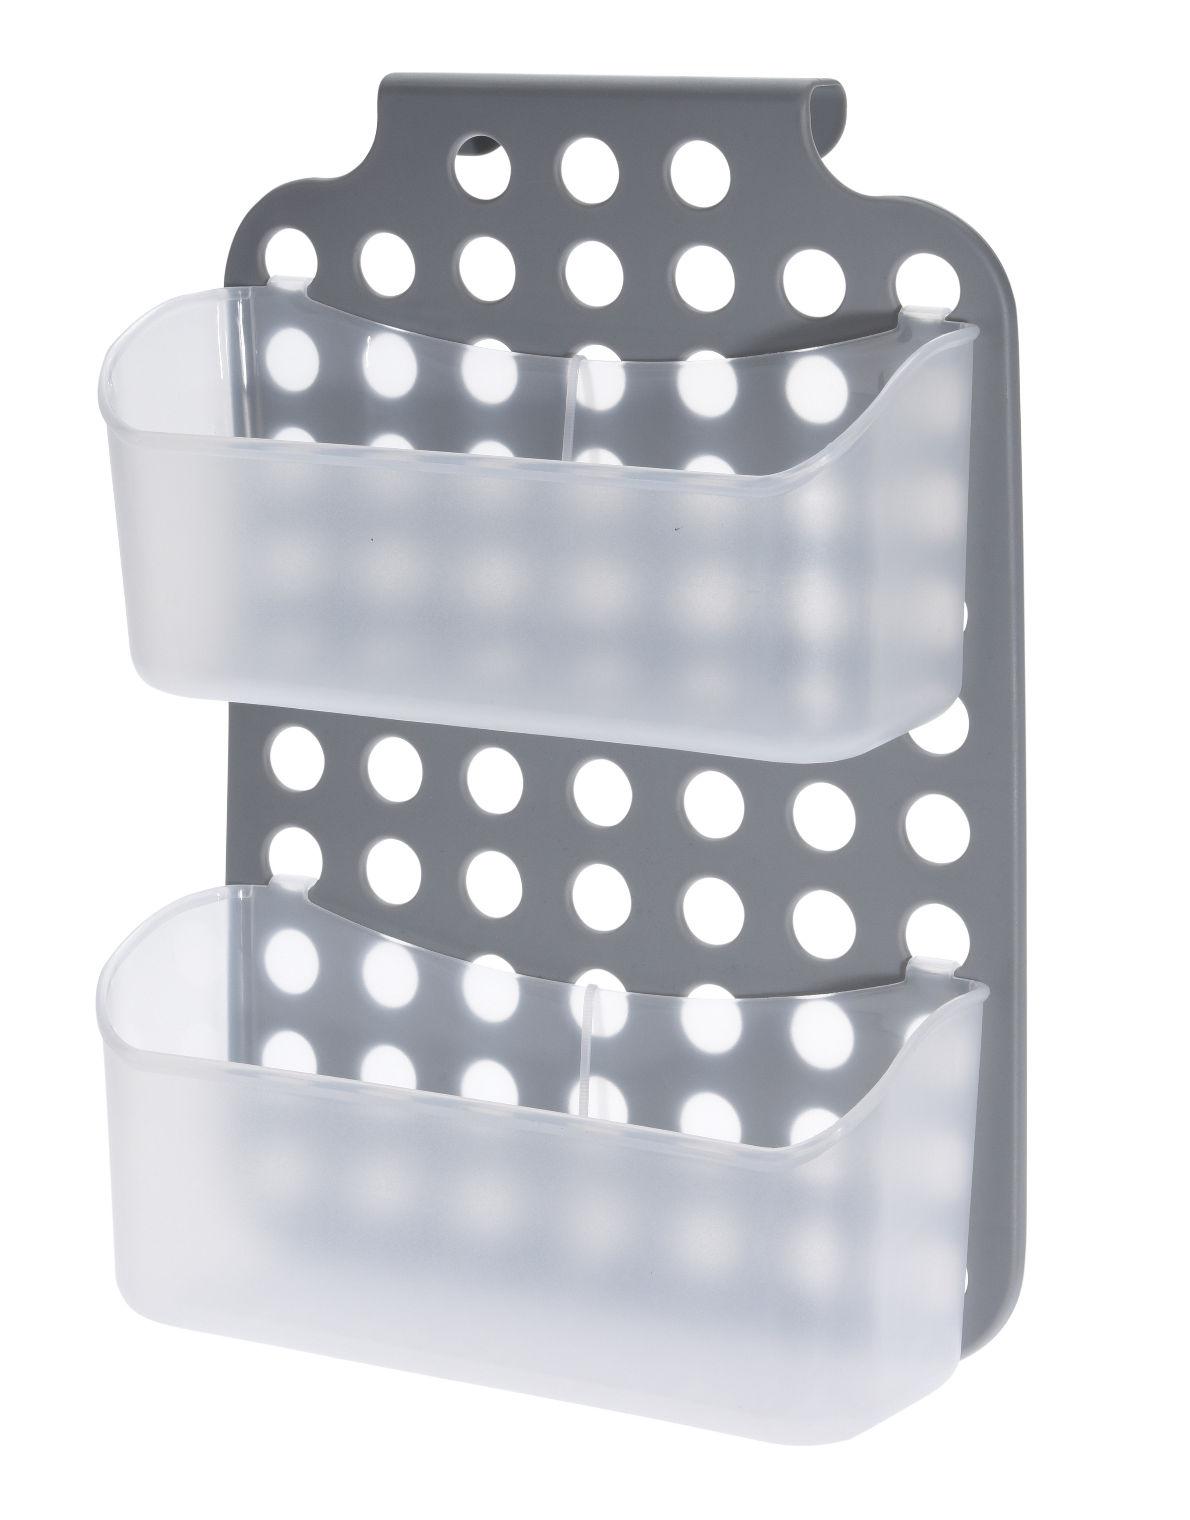 Details zu Kunststoff Duschregal - 9x9 cm - Bad Hänge Regal Dusch Korb  Ablage Badezimmer